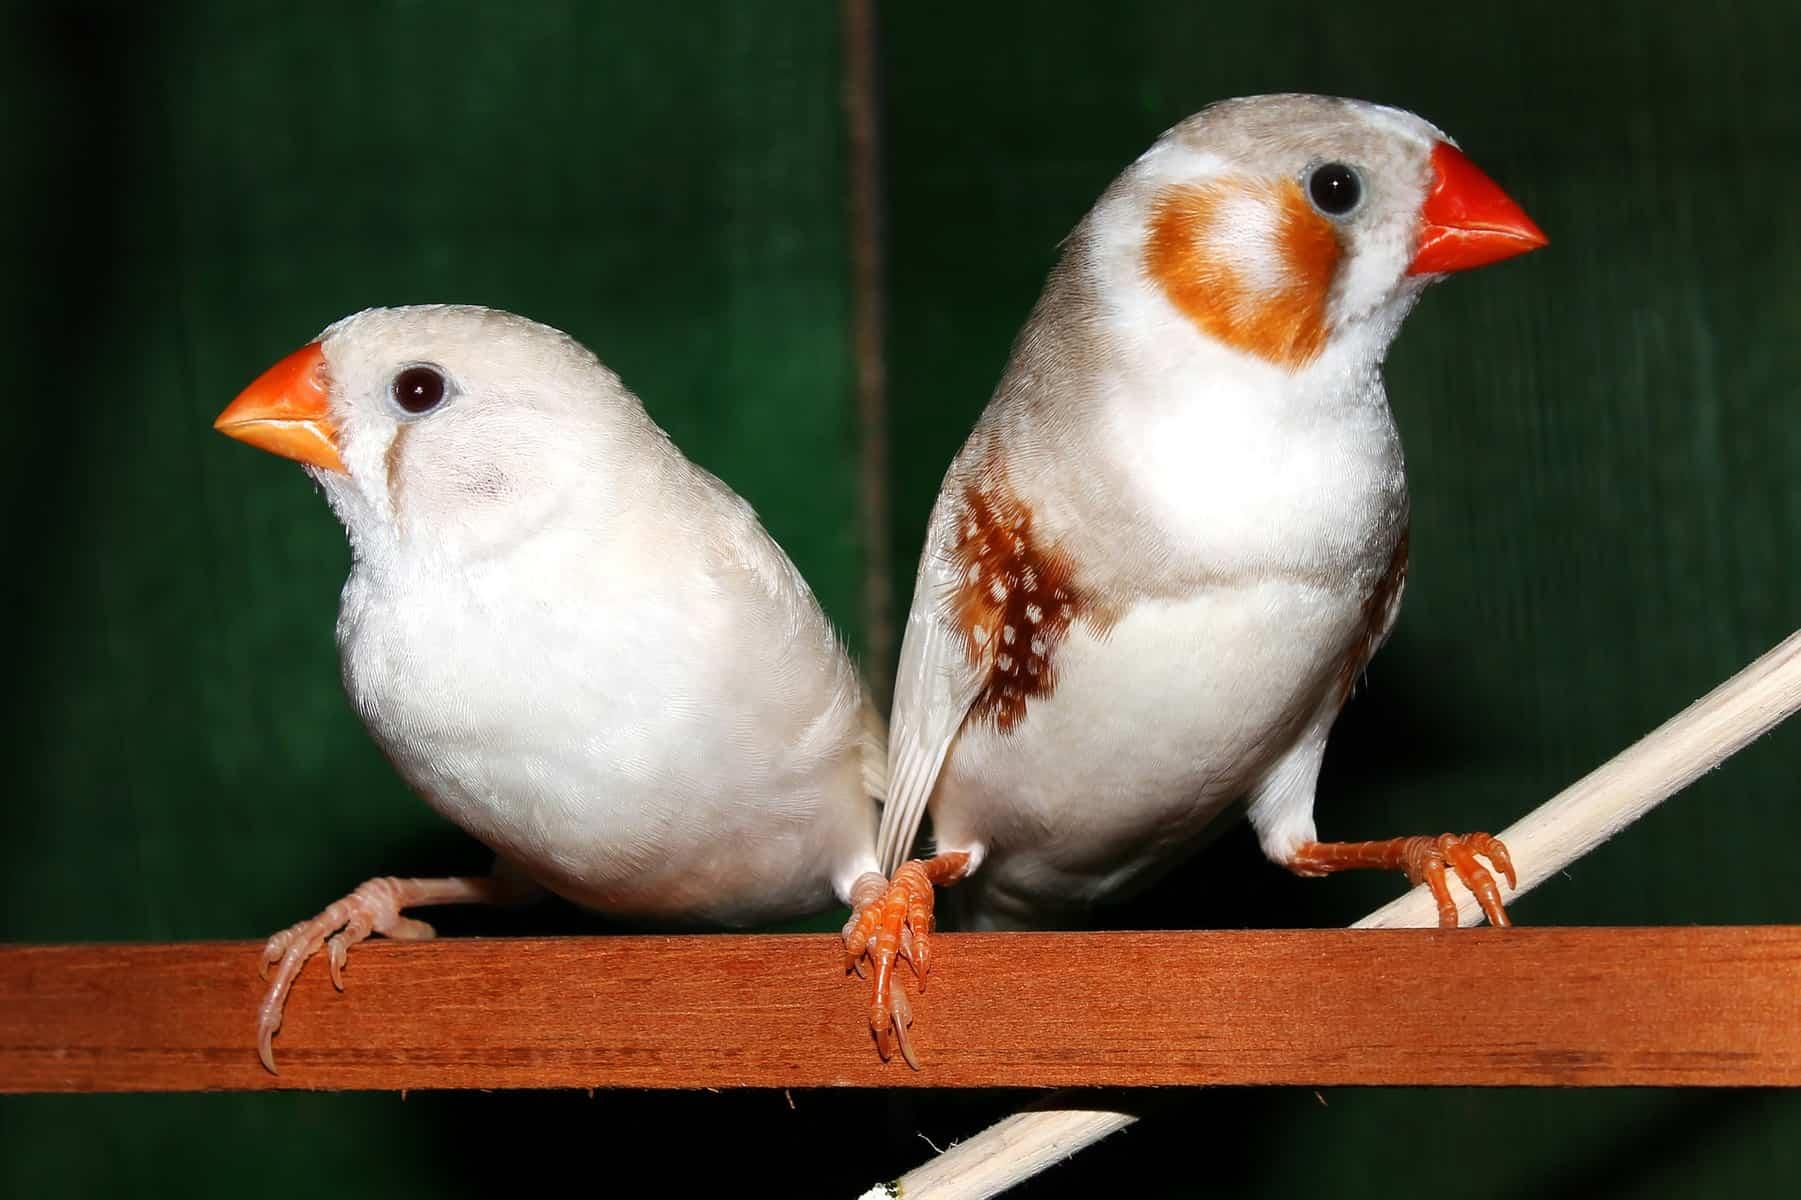 Des souvenirs implantés dans le cerveau d'oiseaux pour leur apprendre à chanter